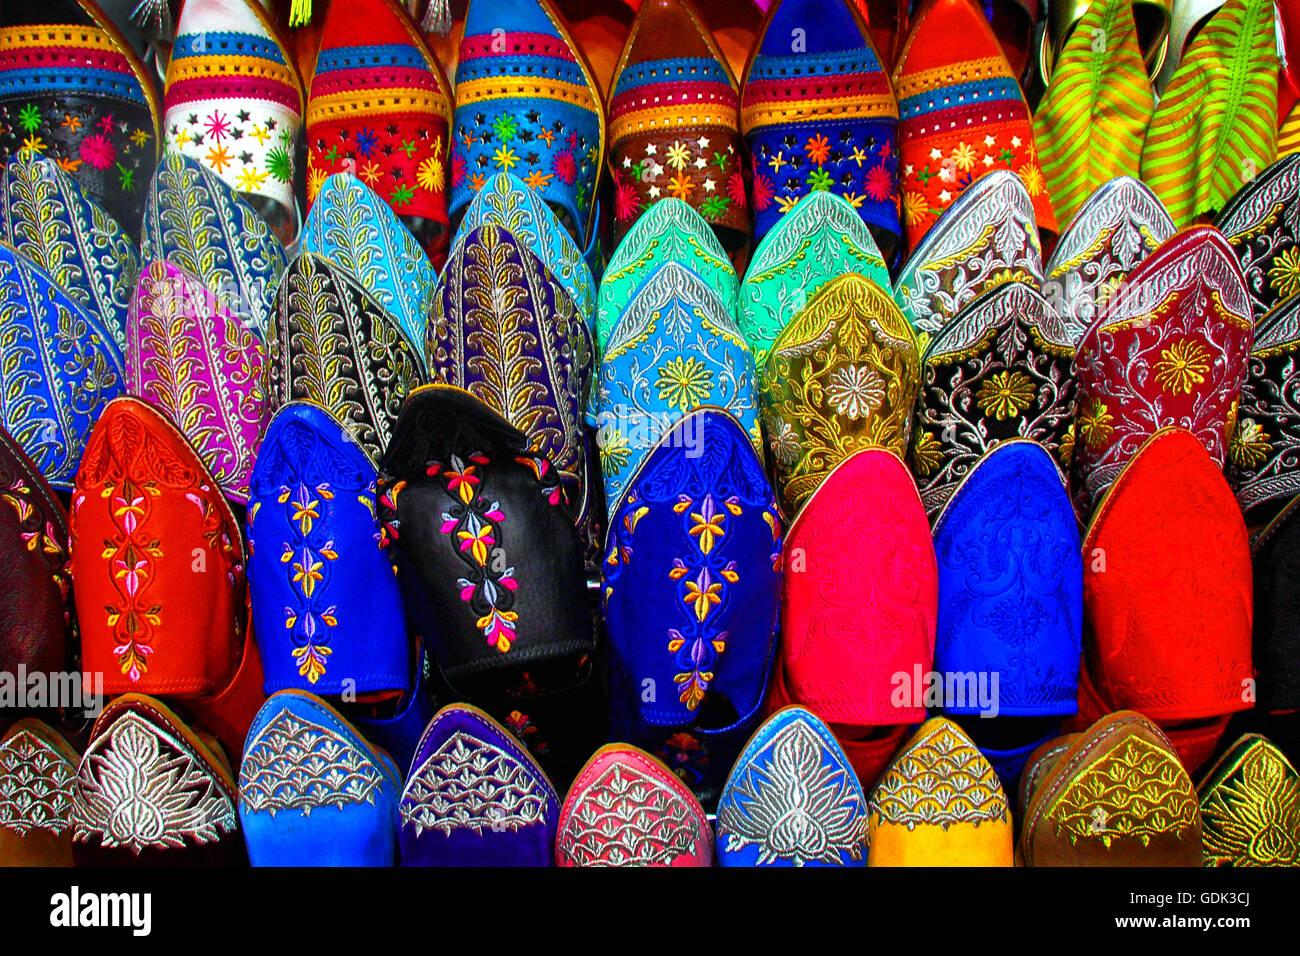 Applique scarpe artigianato marrakech marocco foto immagine